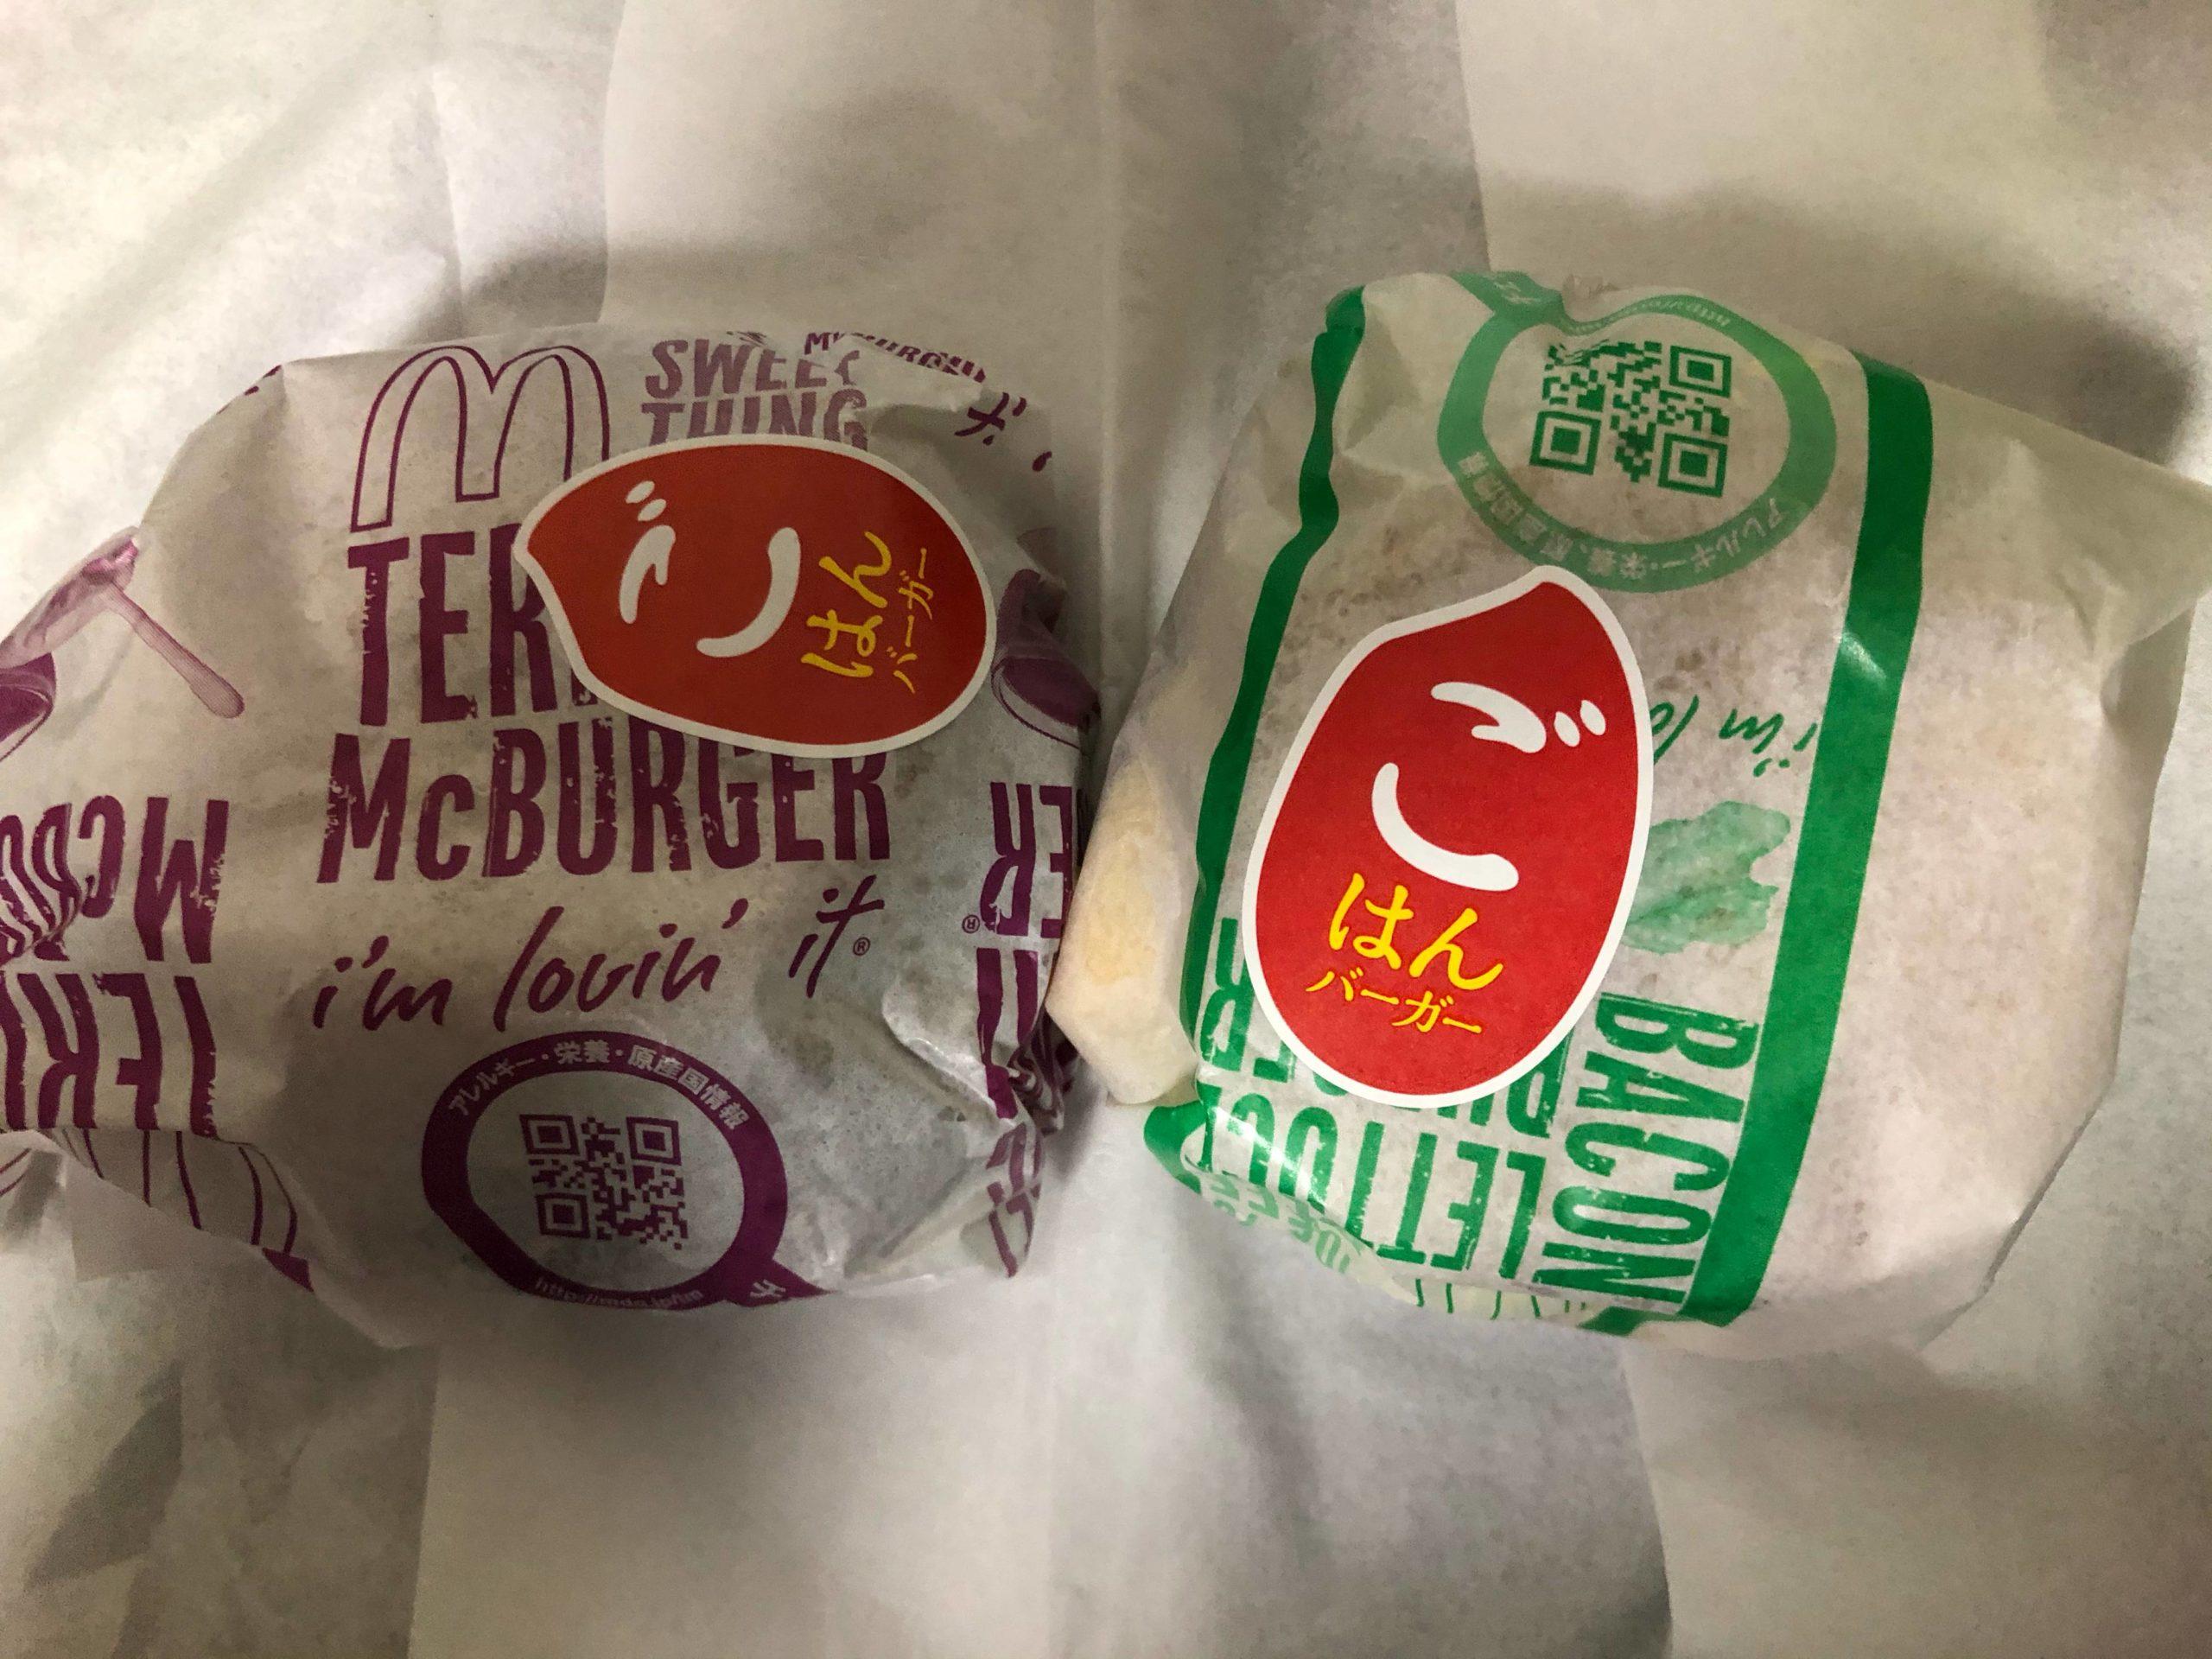 【画像有】早速マクドナルドで新発売のライスバーガー買ってきたで!!!!!!!!!